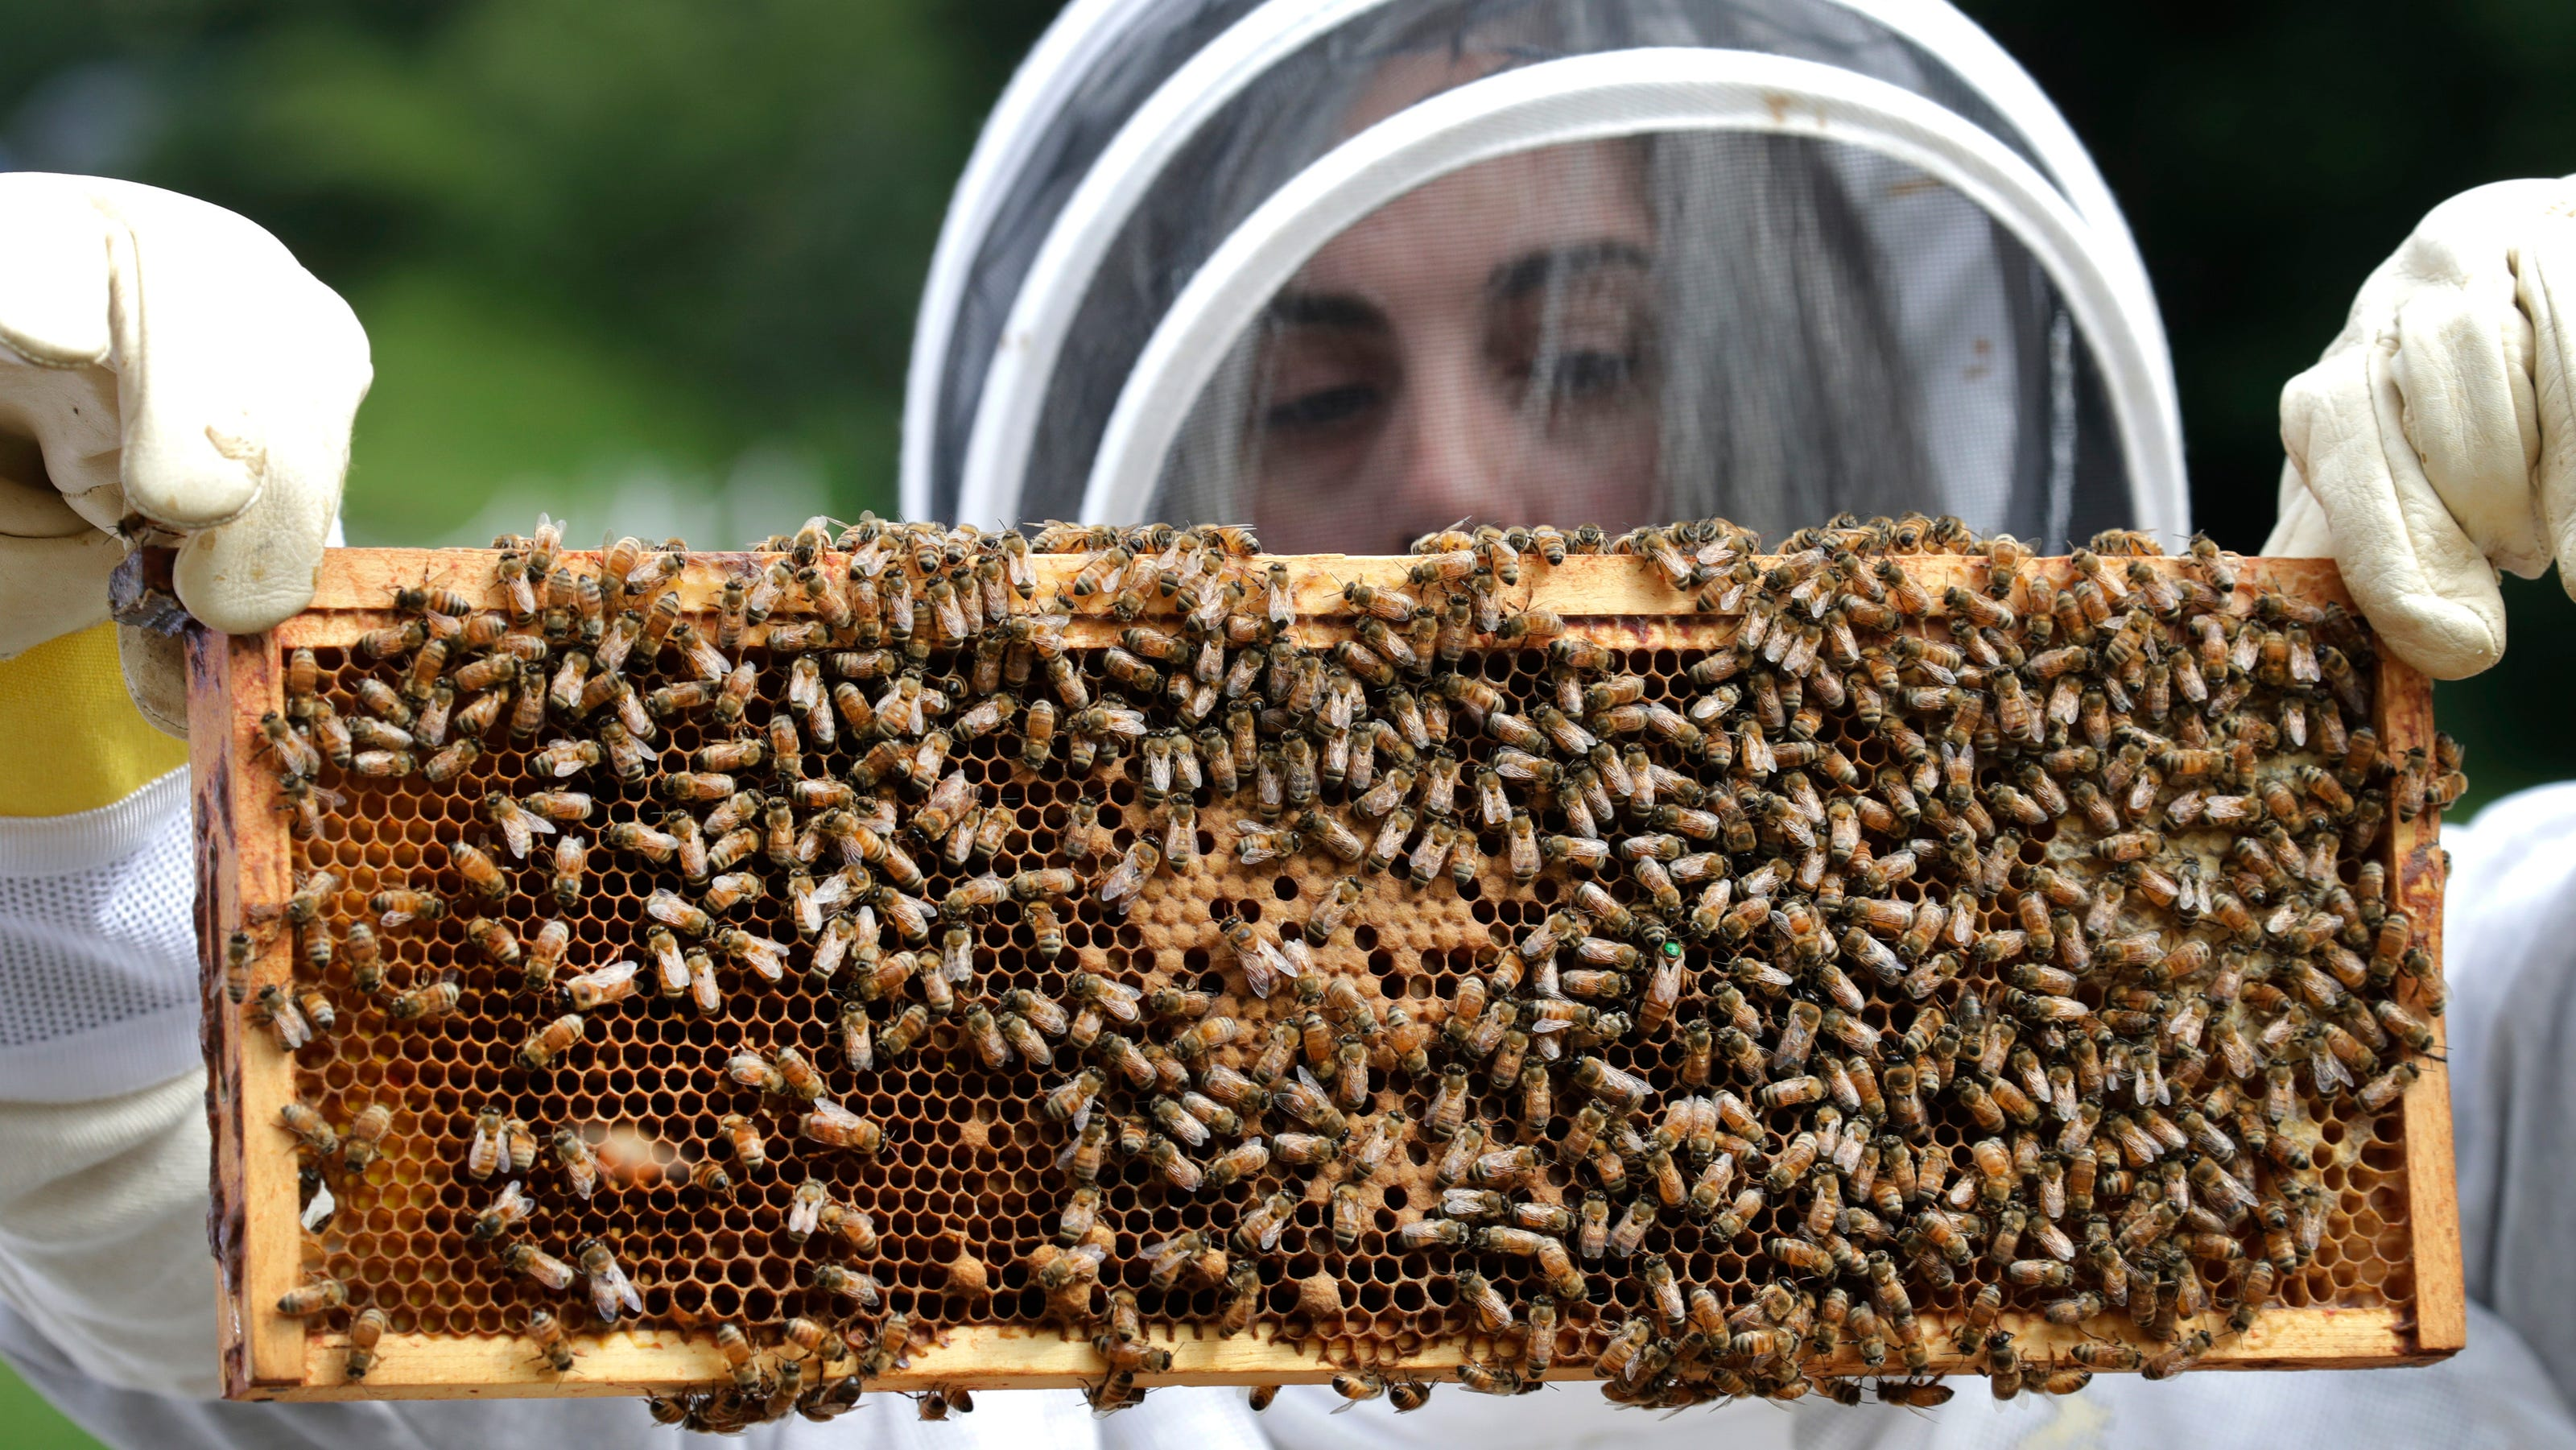 Картинки про пчел и улей